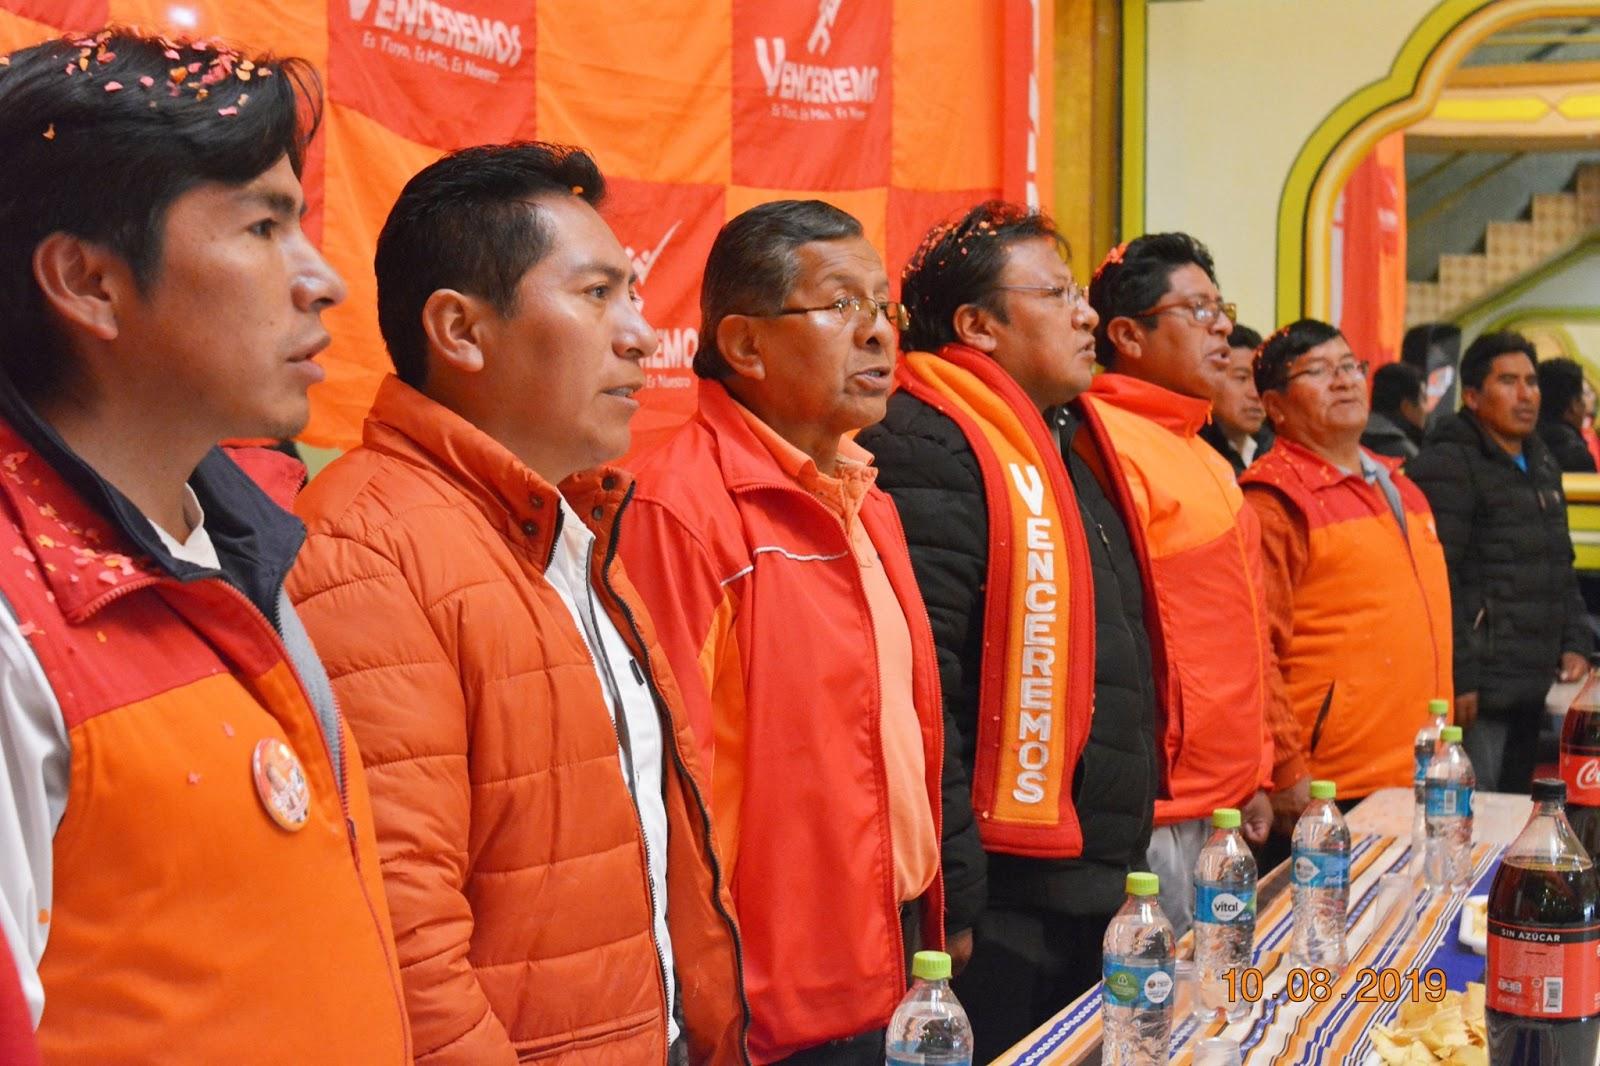 Concejal alteño va conformando su proyecto para las subnacionales de 2020 / PRENSA VENCEREMOS